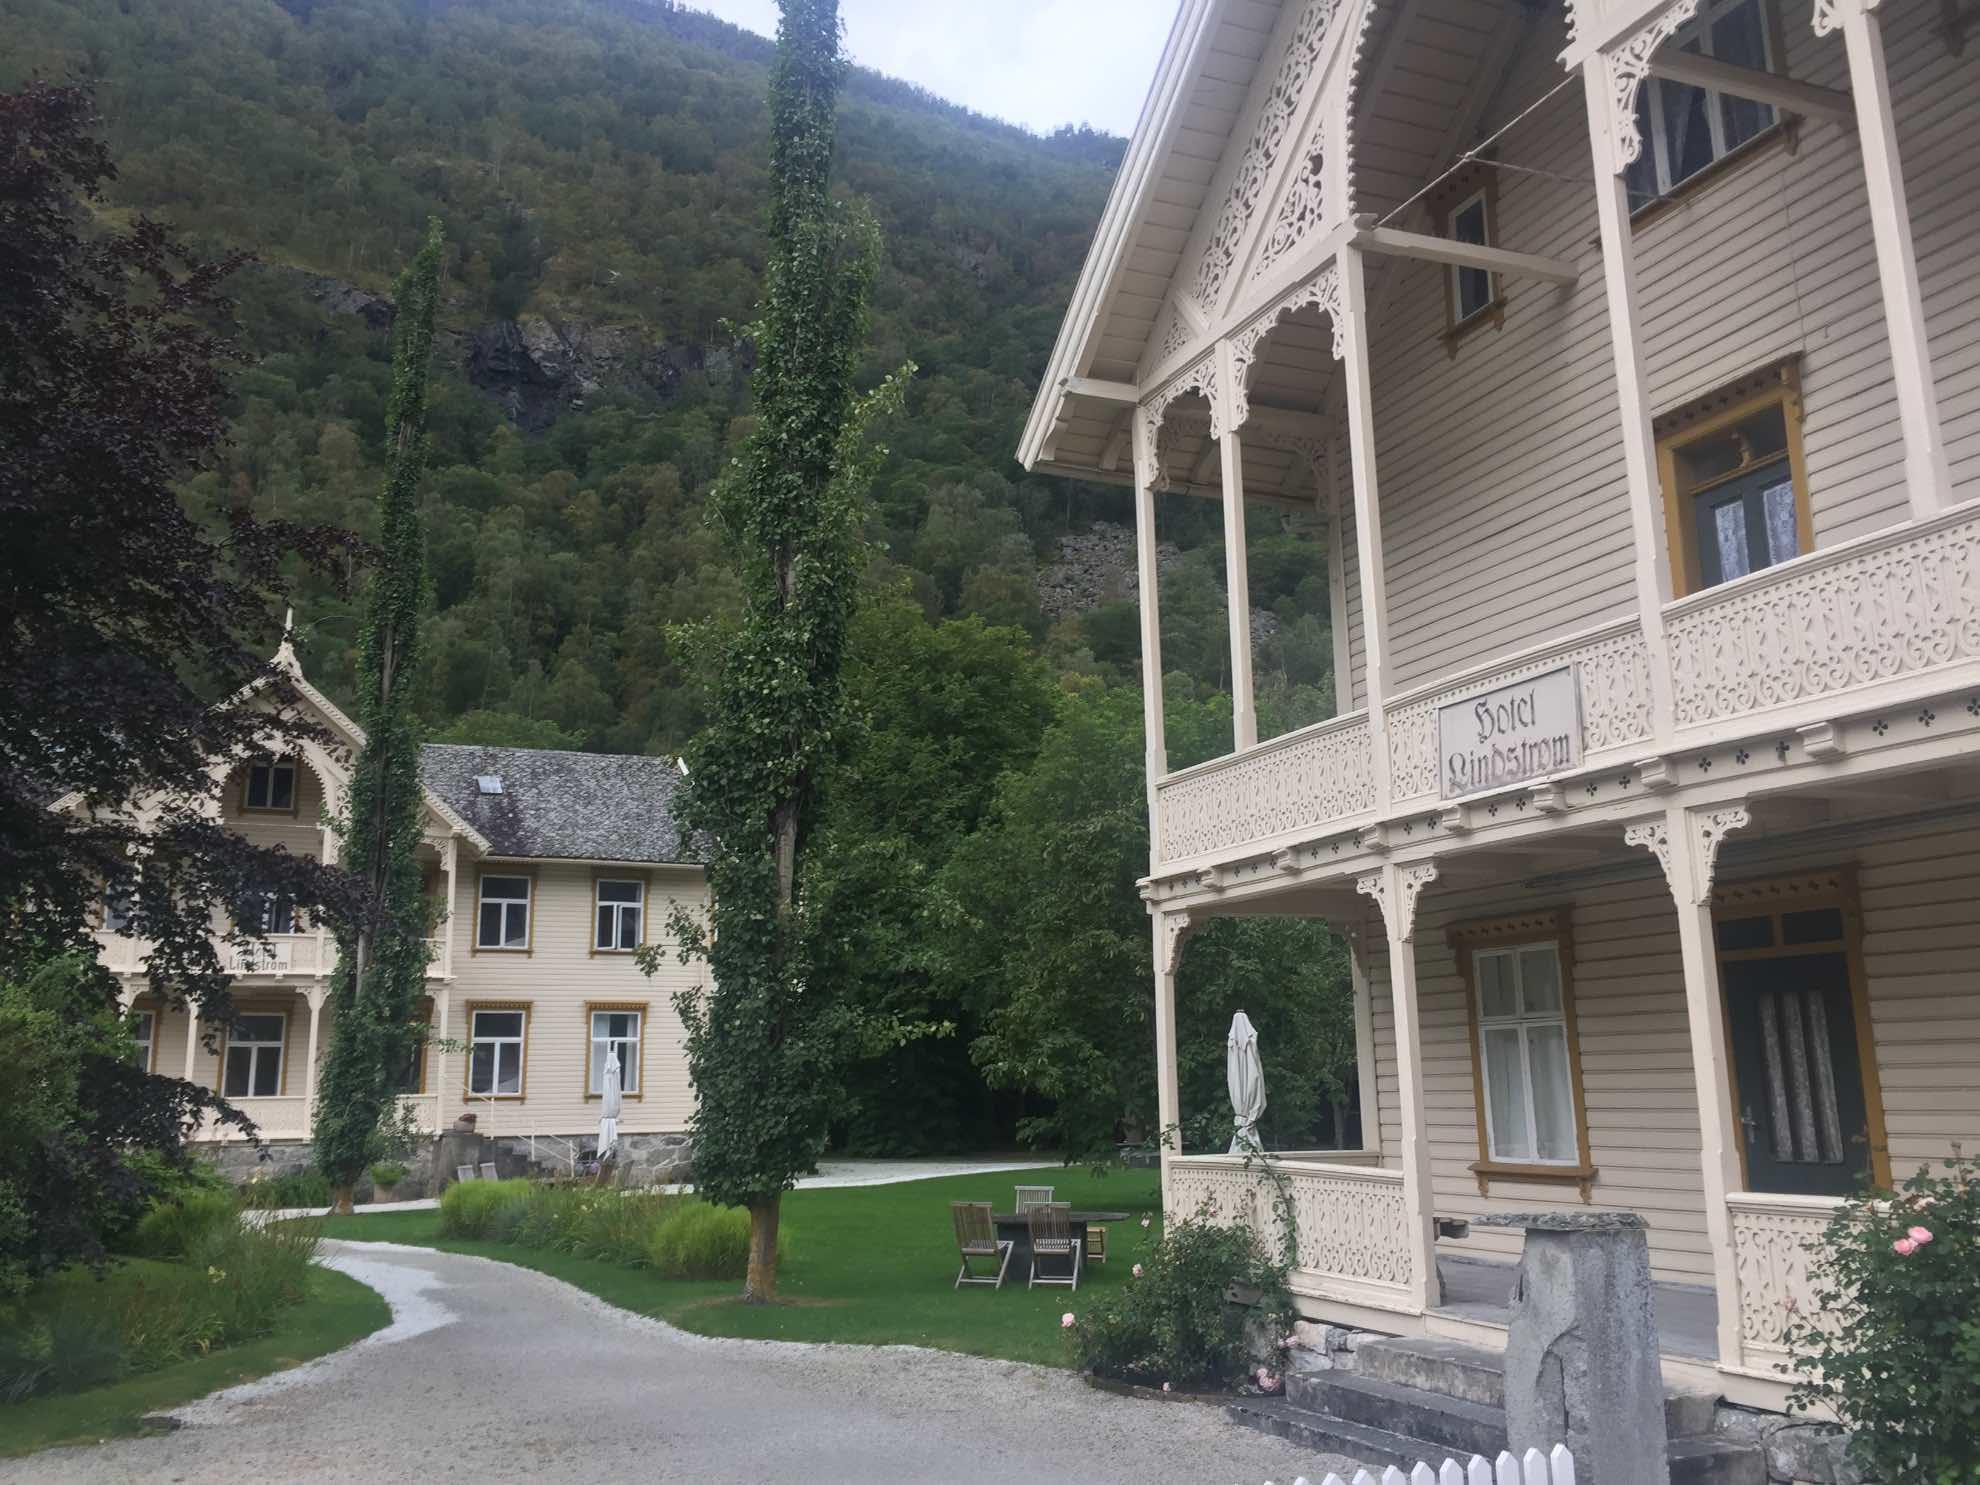 ... Im norwegischen Landhaus-Stil.